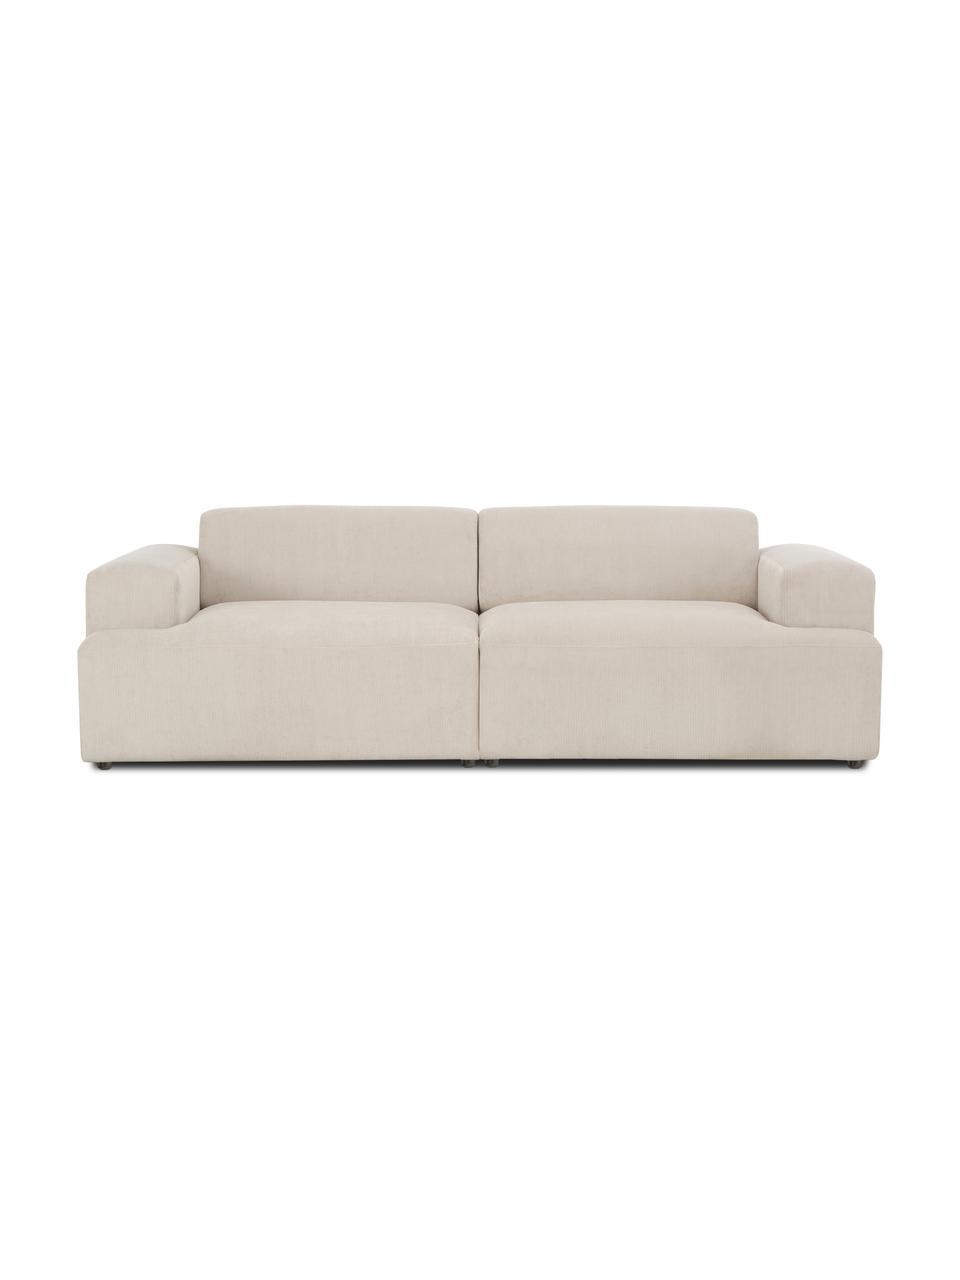 Sofa ze sztruksu Melva (3-osobowa), Tapicerka: sztruks (92% poliester, 8, Stelaż: lite drewno sosnowe, cert, Nogi: tworzywo sztuczne, Sztruksowy beżowy, S 238 x G 101 cm